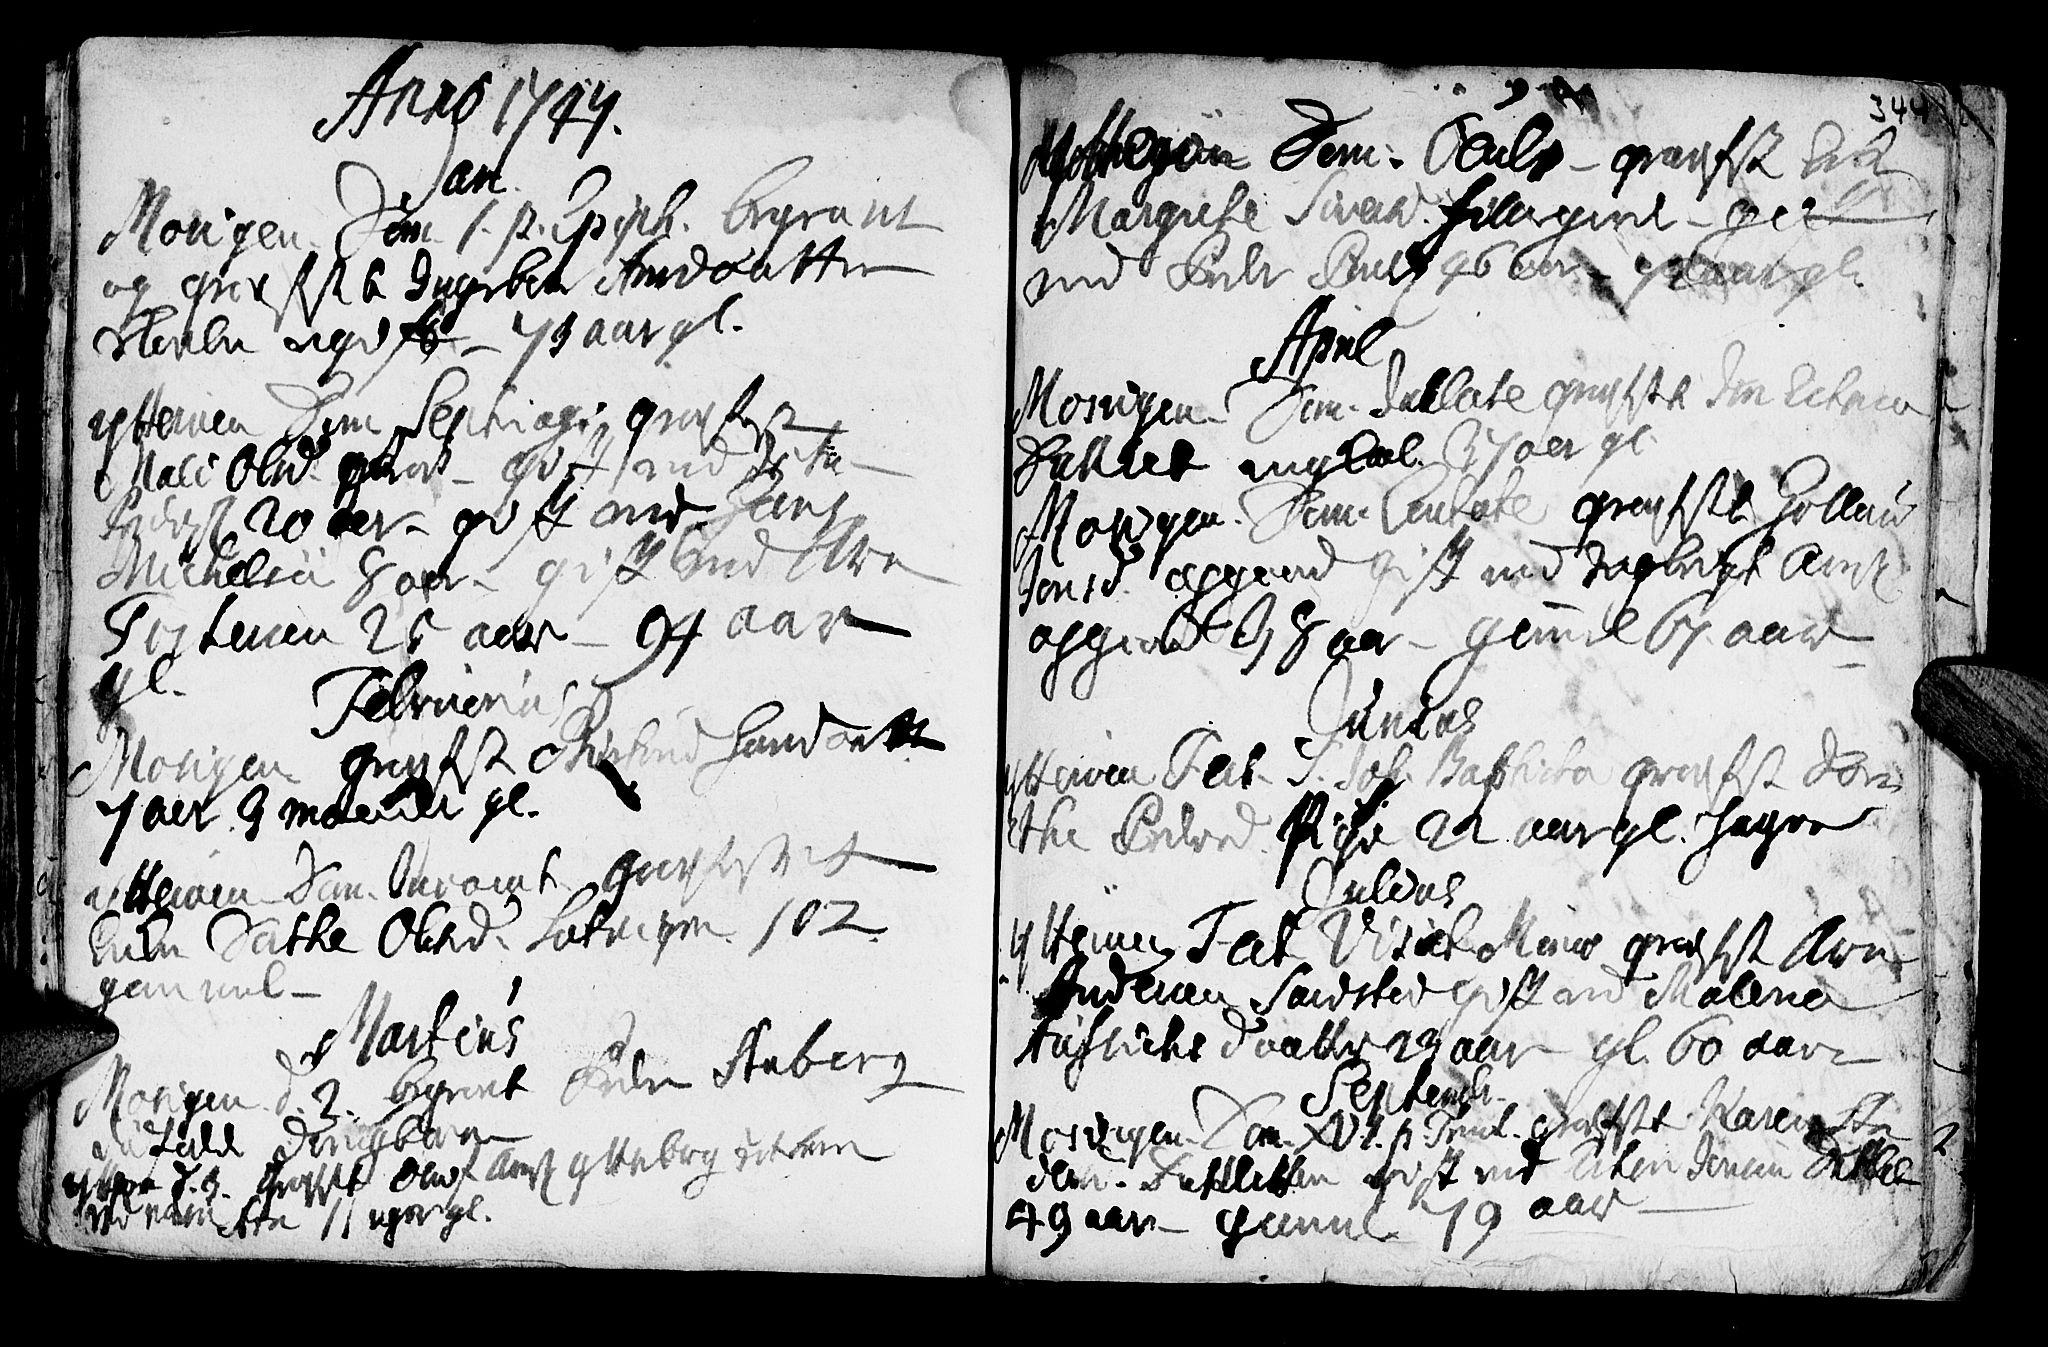 SAT, Ministerialprotokoller, klokkerbøker og fødselsregistre - Nord-Trøndelag, 722/L0215: Parish register (official) no. 722A02, 1718-1755, p. 344